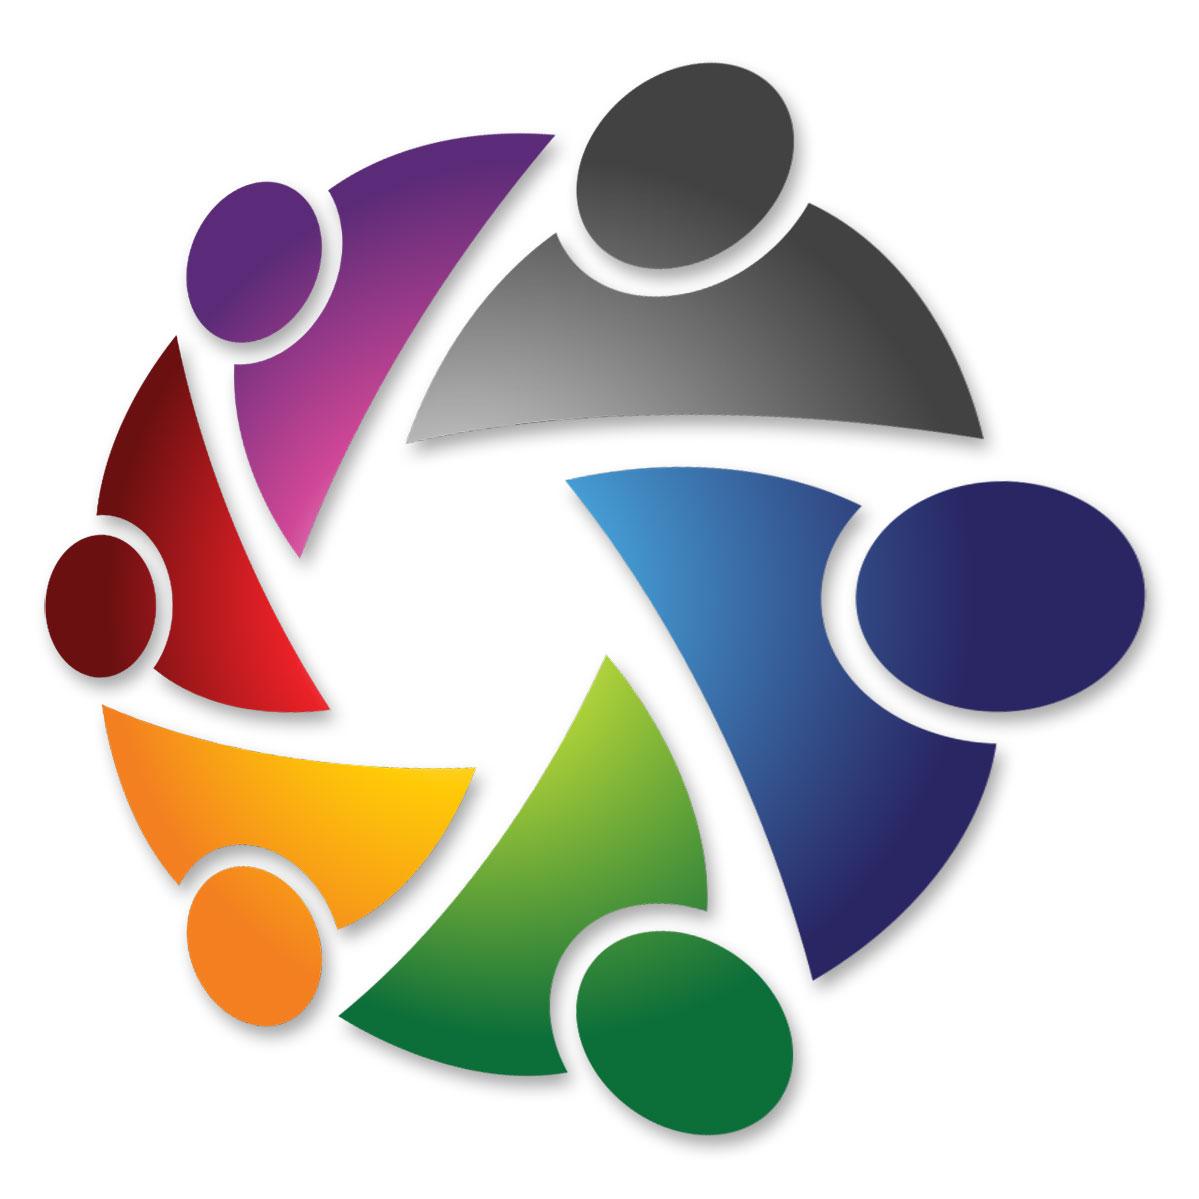 Artistic version of FACT wraparound logo